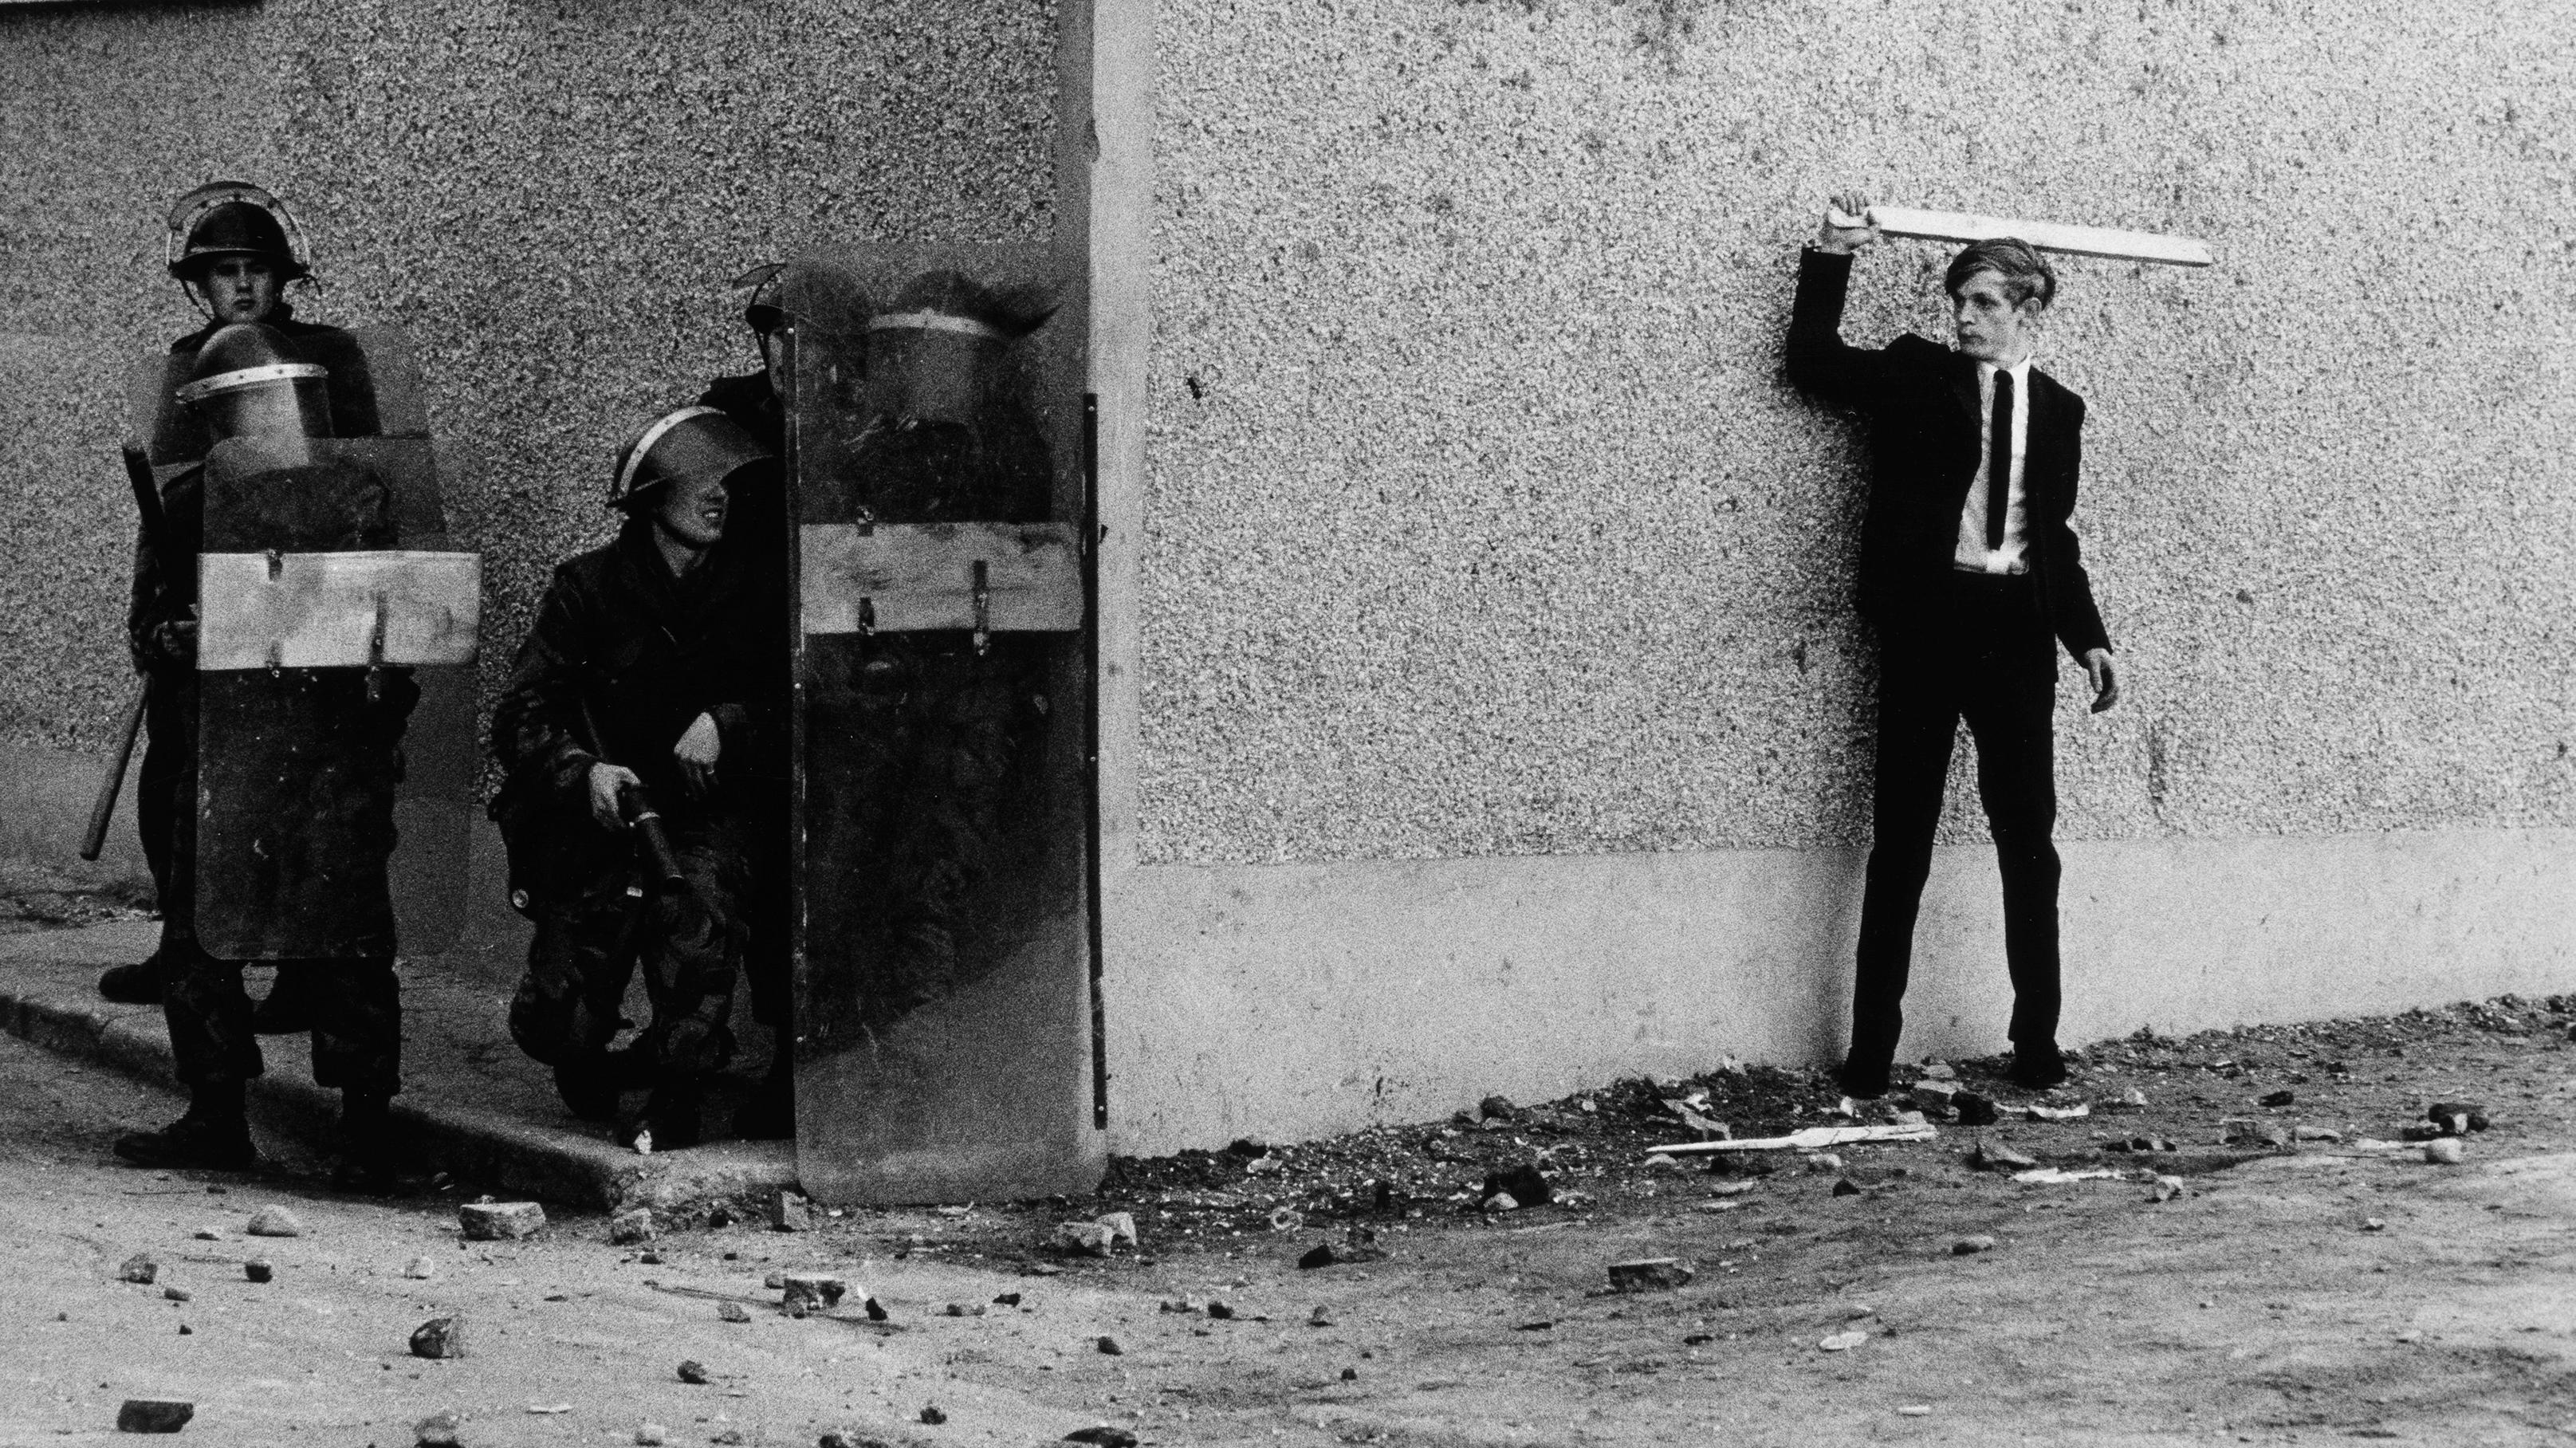 Bürgerkrieg in Nordirland